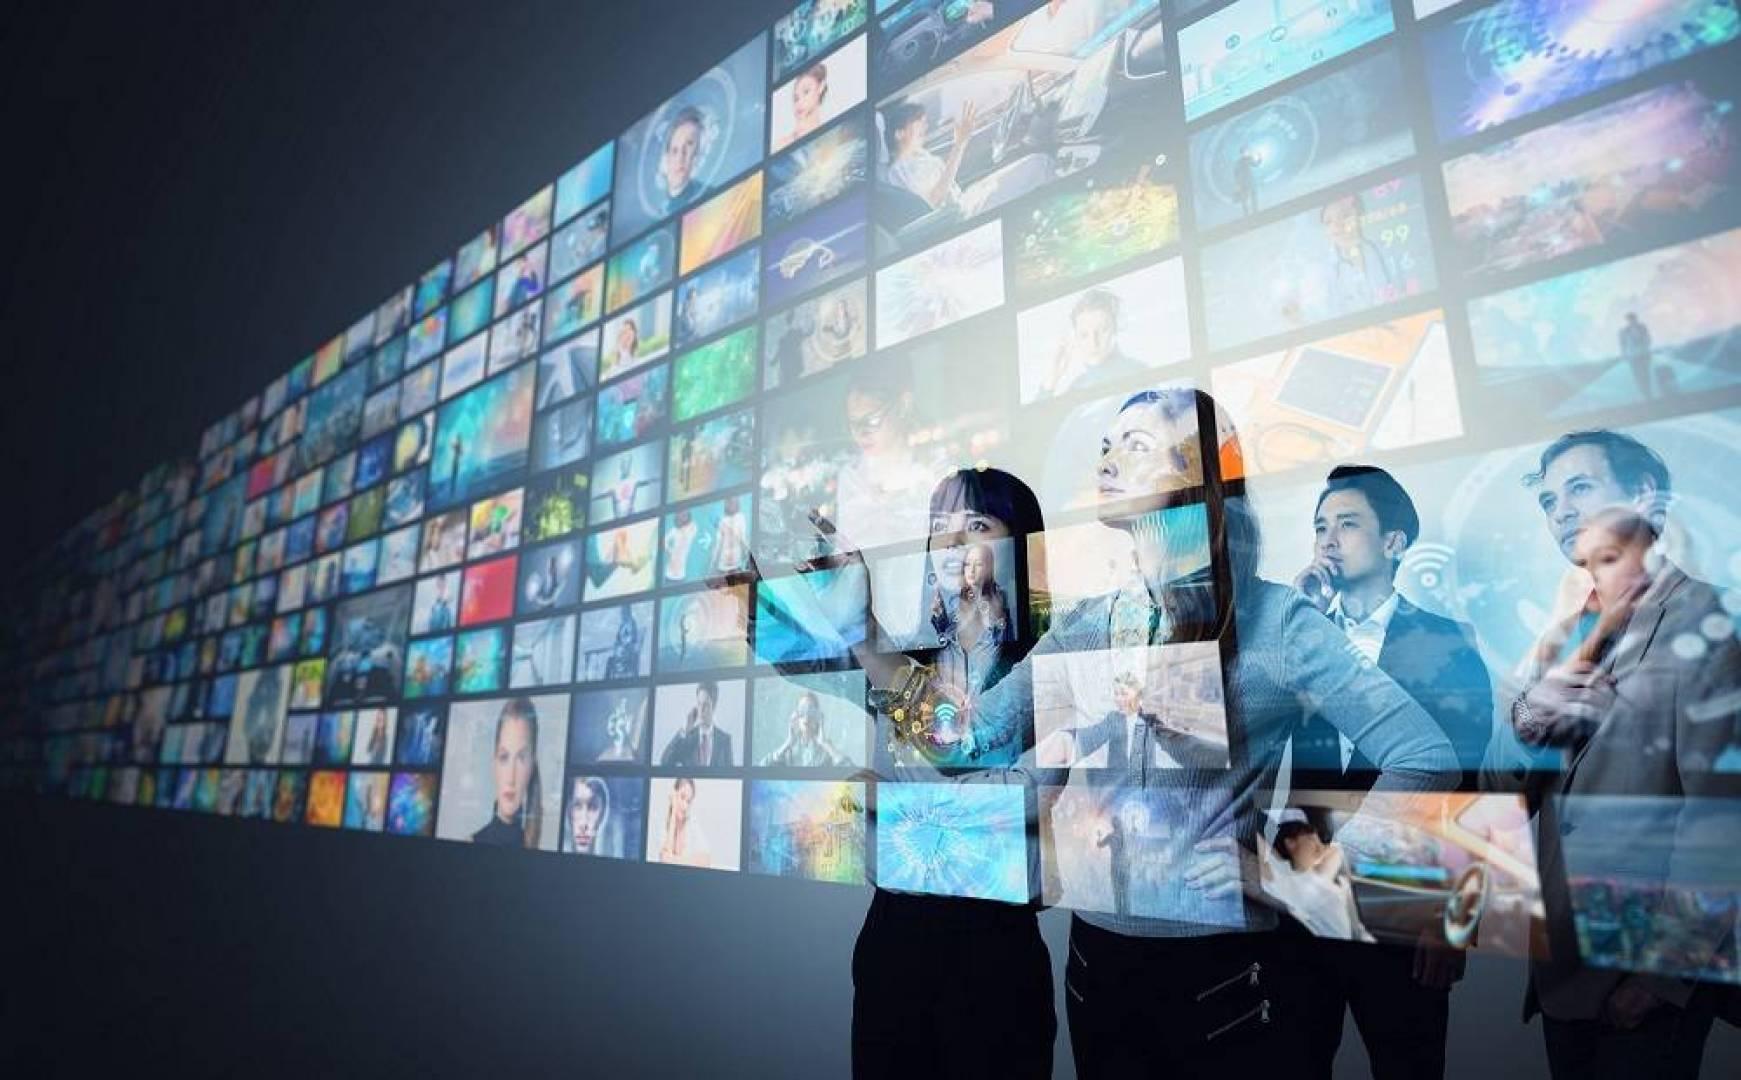 خصومات «نتفليكس» تشعل منافسات البث الرقمي في الهند